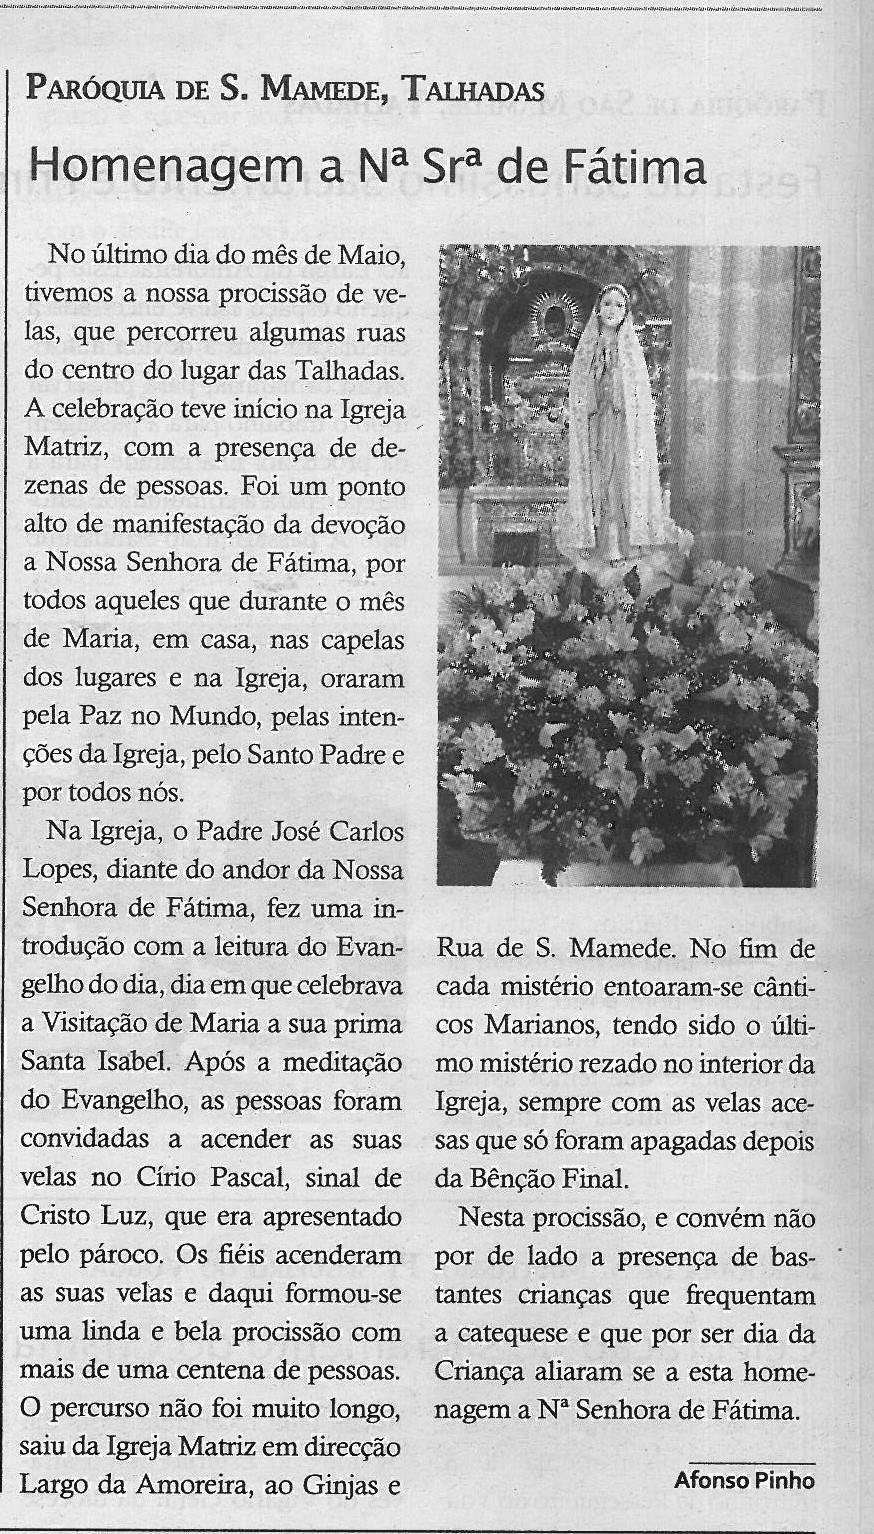 TV-jun.'19-p.12-Paróquias : Paróquia de de São Mamede, Talhadas : homenagem a Nª Srª de Fátima.jpg